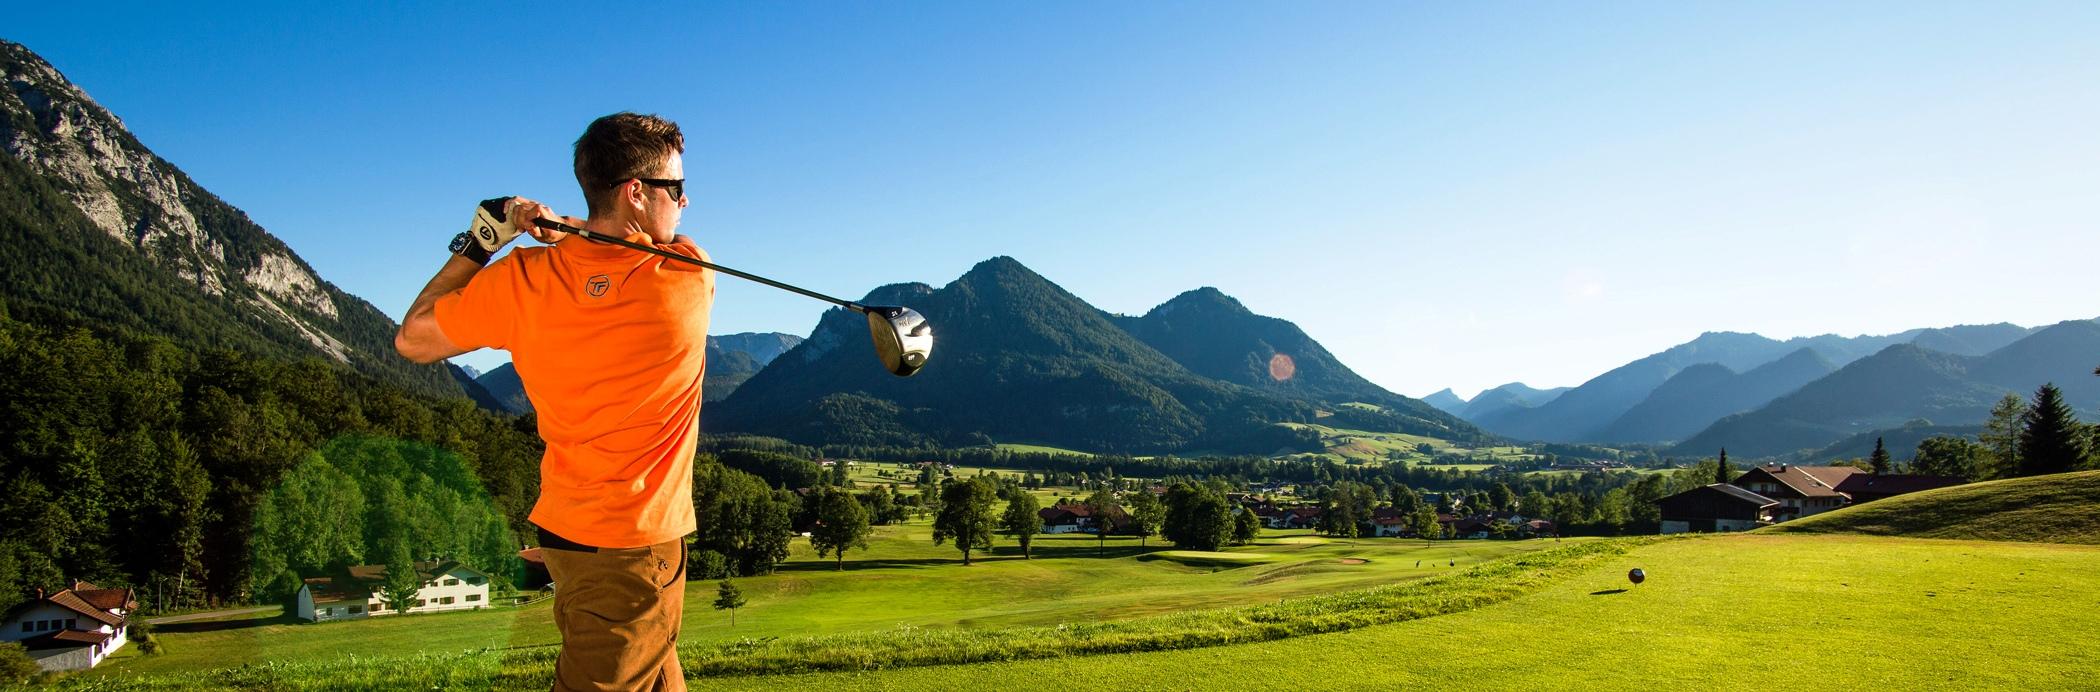 4_abschlag_golf_copyright_andreas_plenkk1_4.jpg